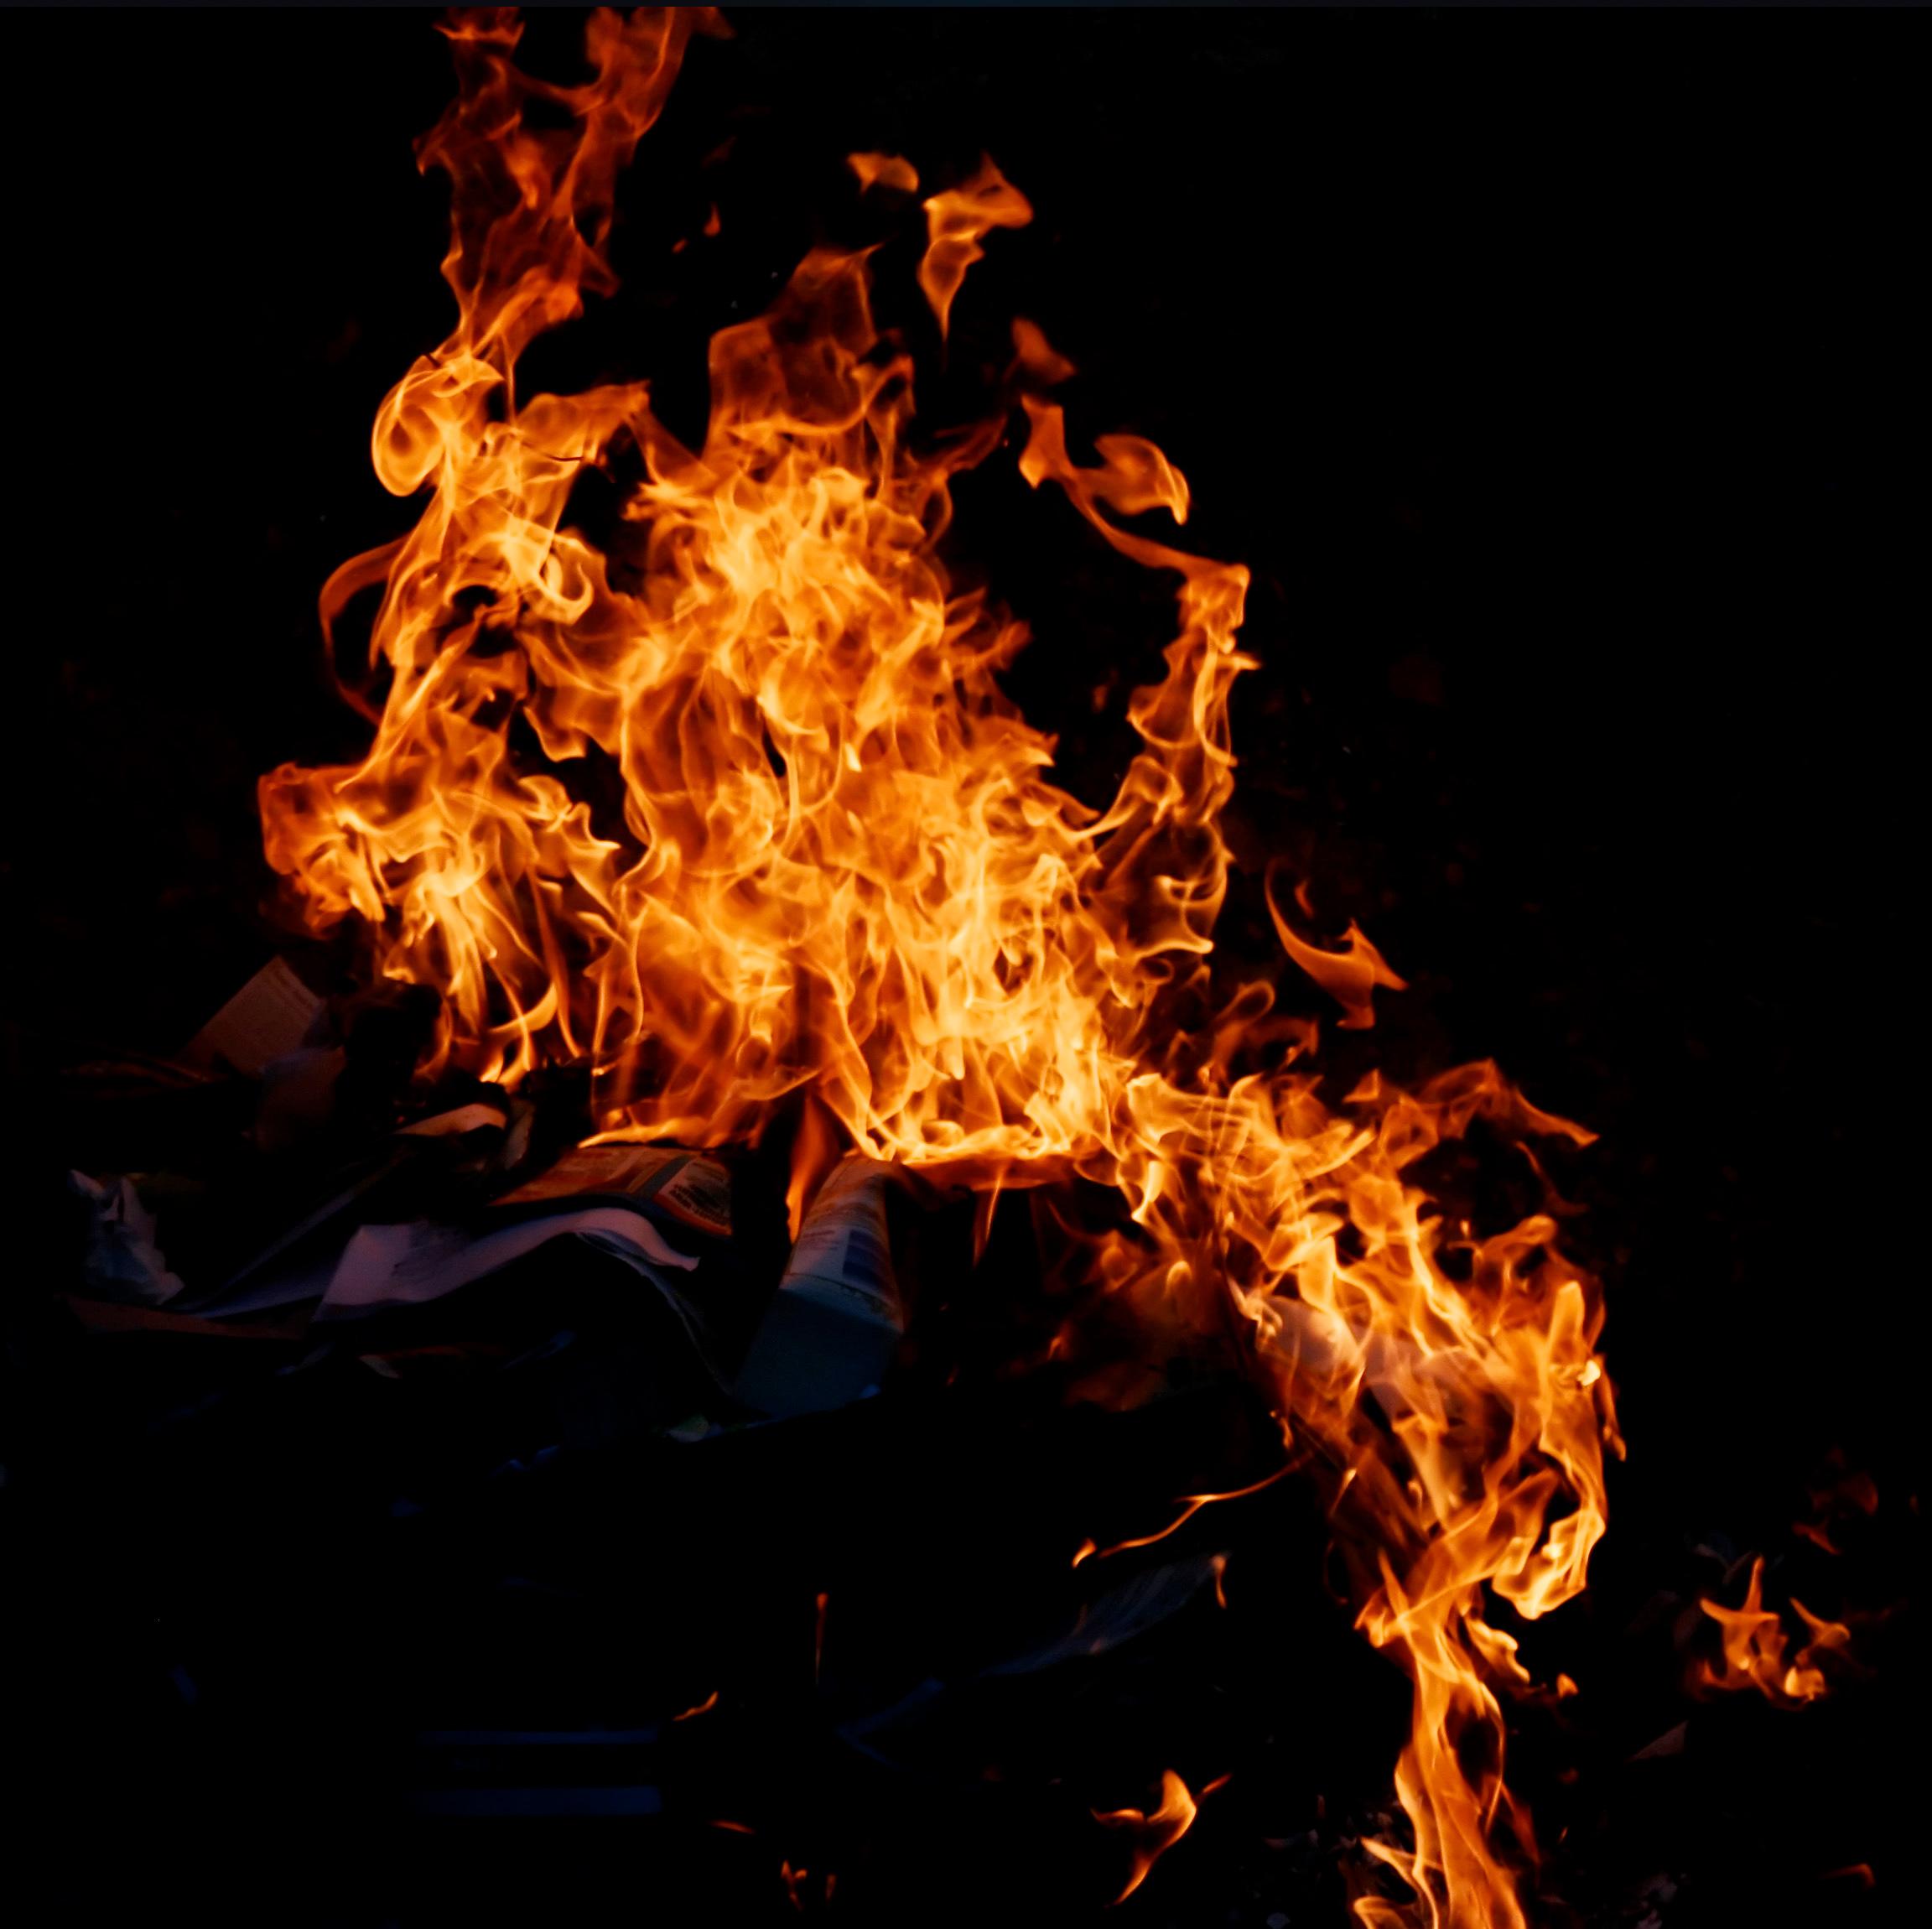 того, спектр фото необычный огонь в черном фоне дима всегда отдаёт